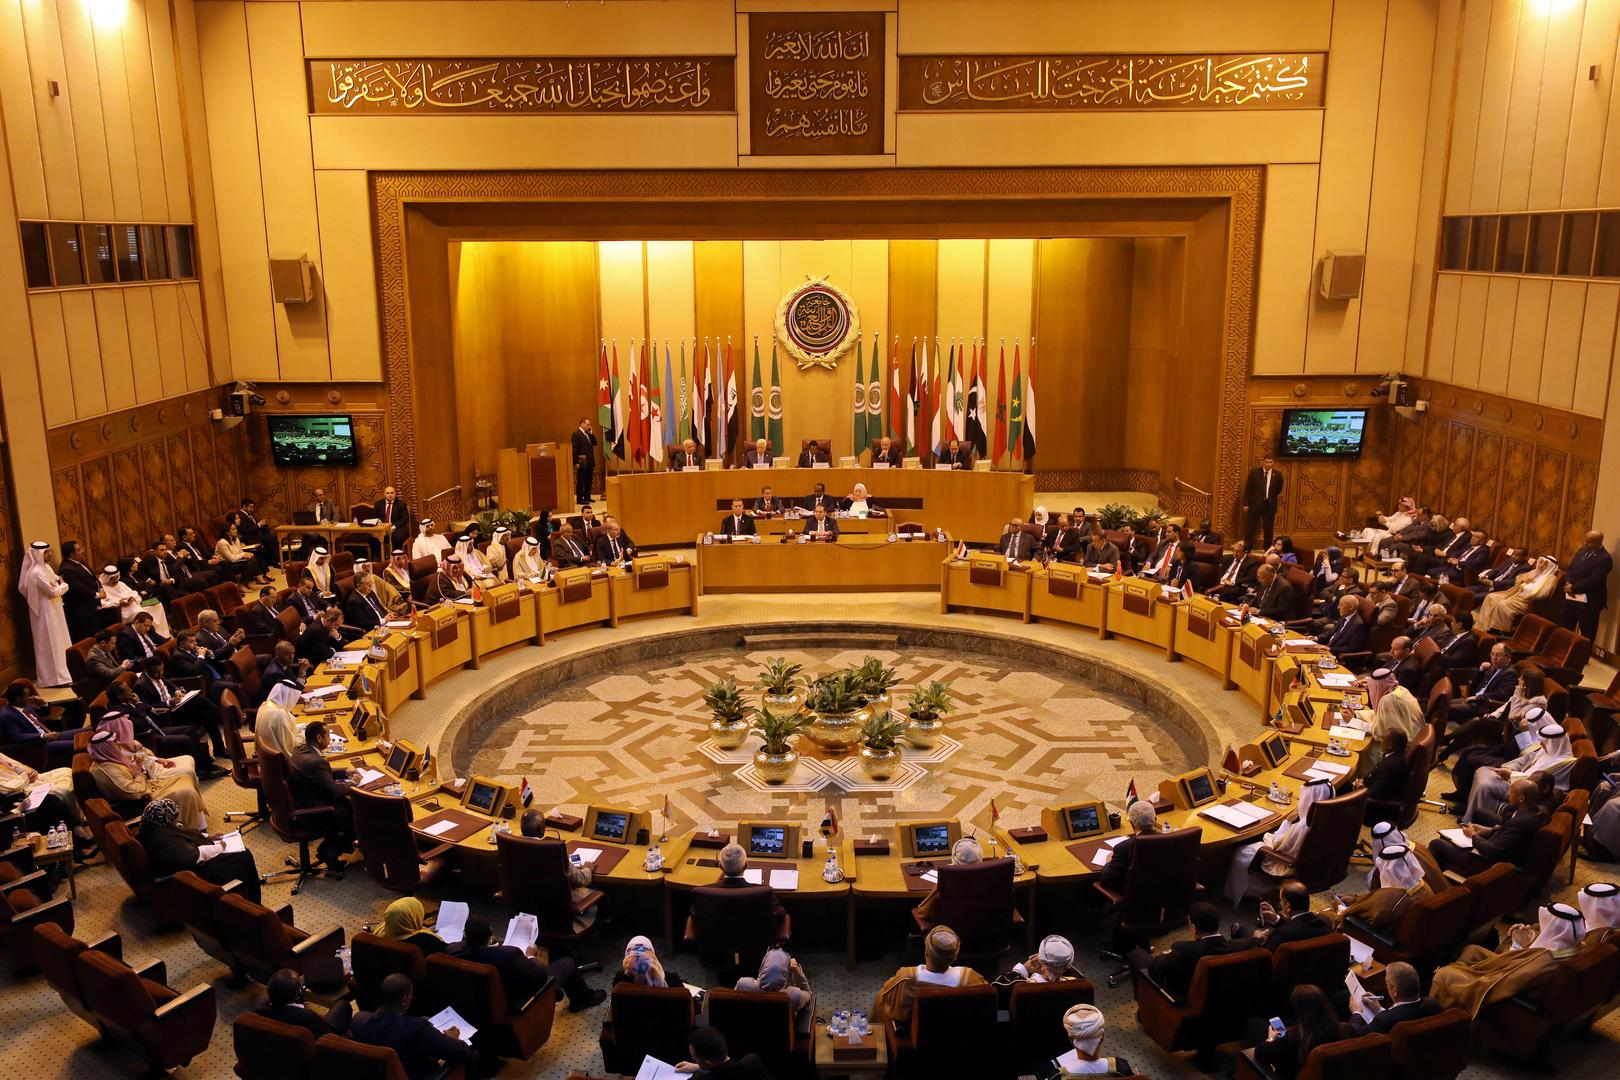 اجتماع لجامعة الدول العربية حول خطة السلام الأمريكية في الشرق الأوسط (القاهرة، 21 أبريل 2019).